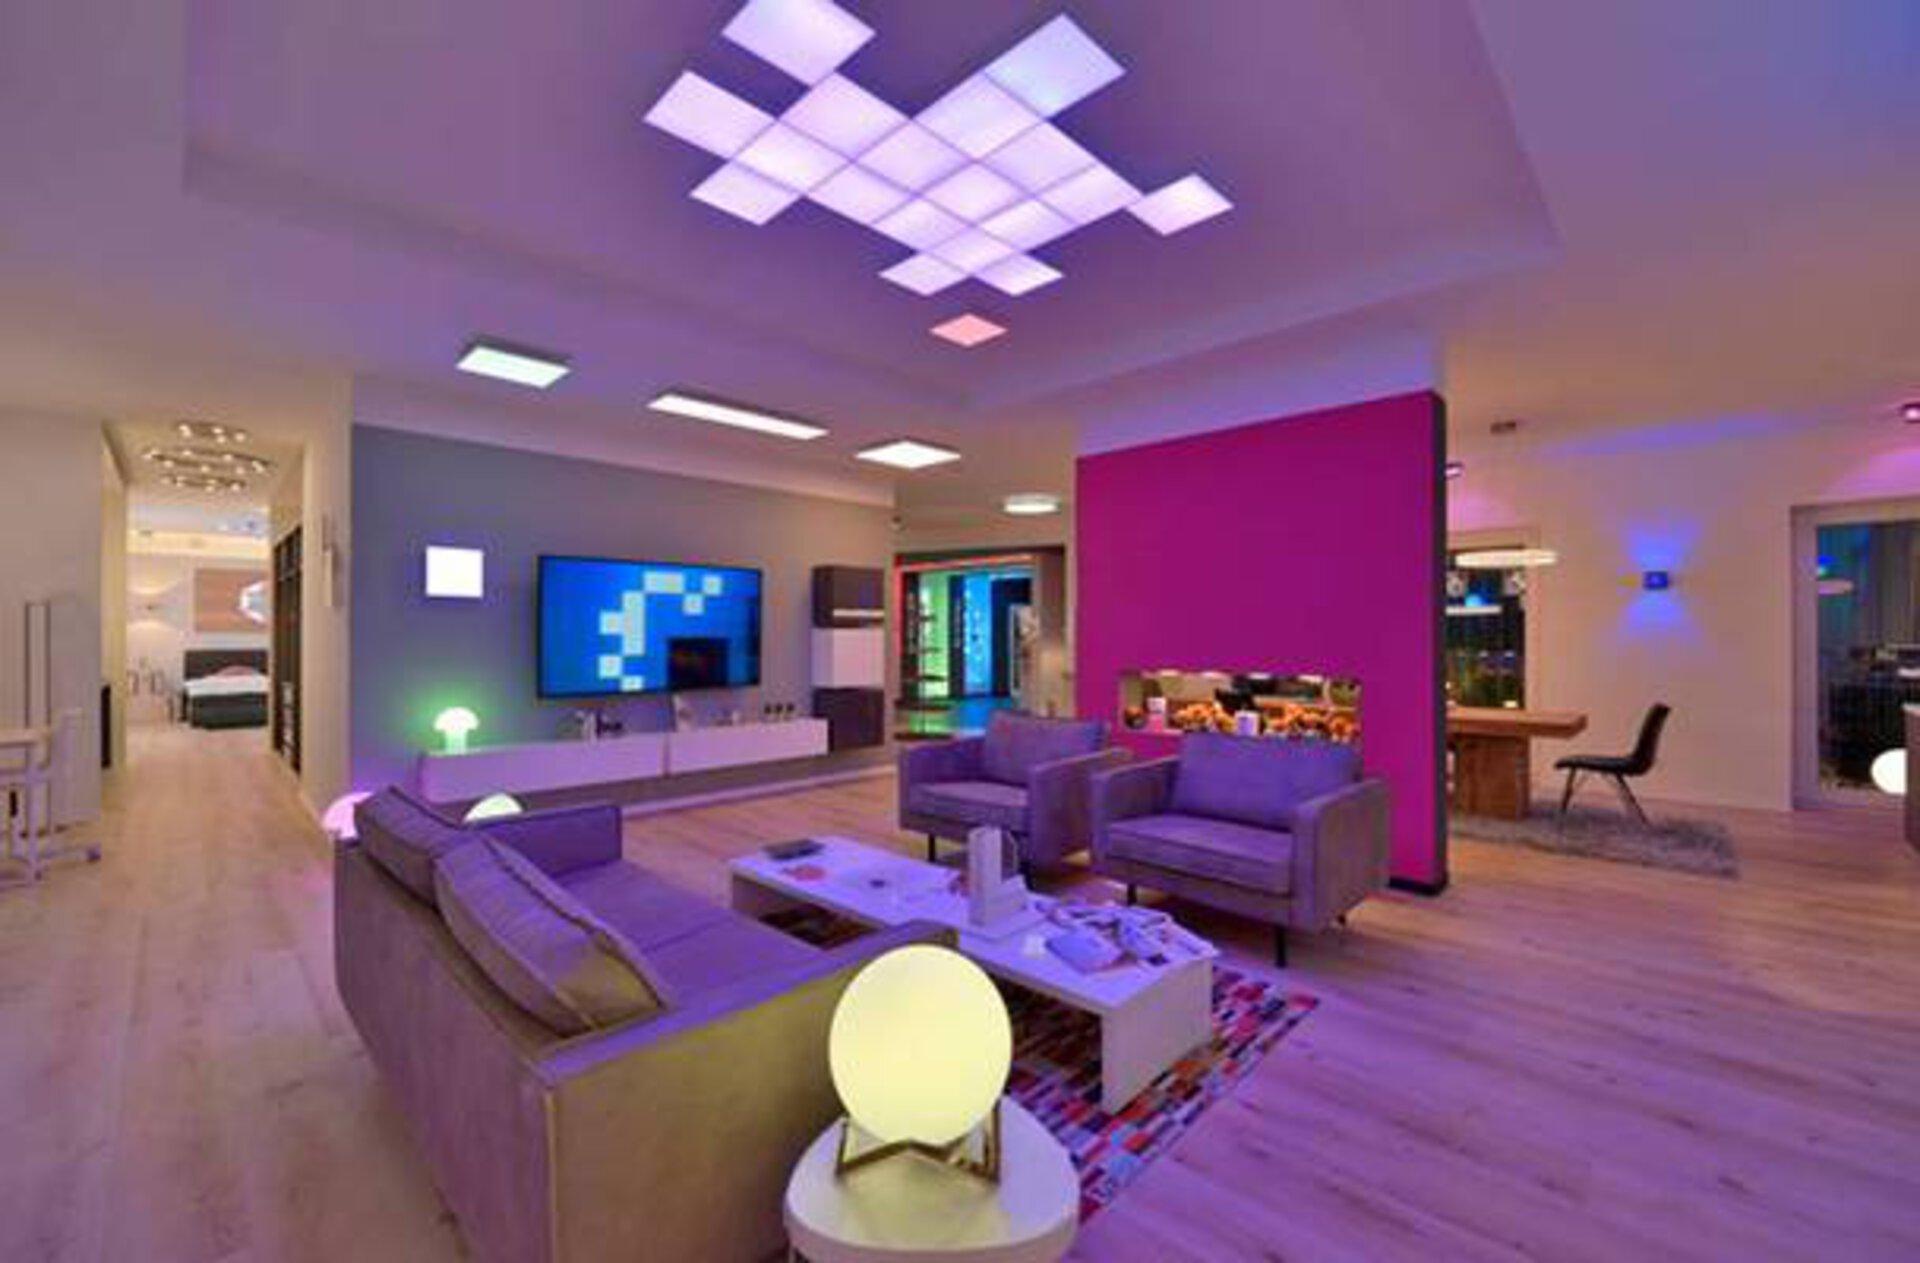 """Ein junges Wohnzimmer in buntes Licht getaucht als Milieubild für den Inspirationsbereich """"Smart Home""""."""